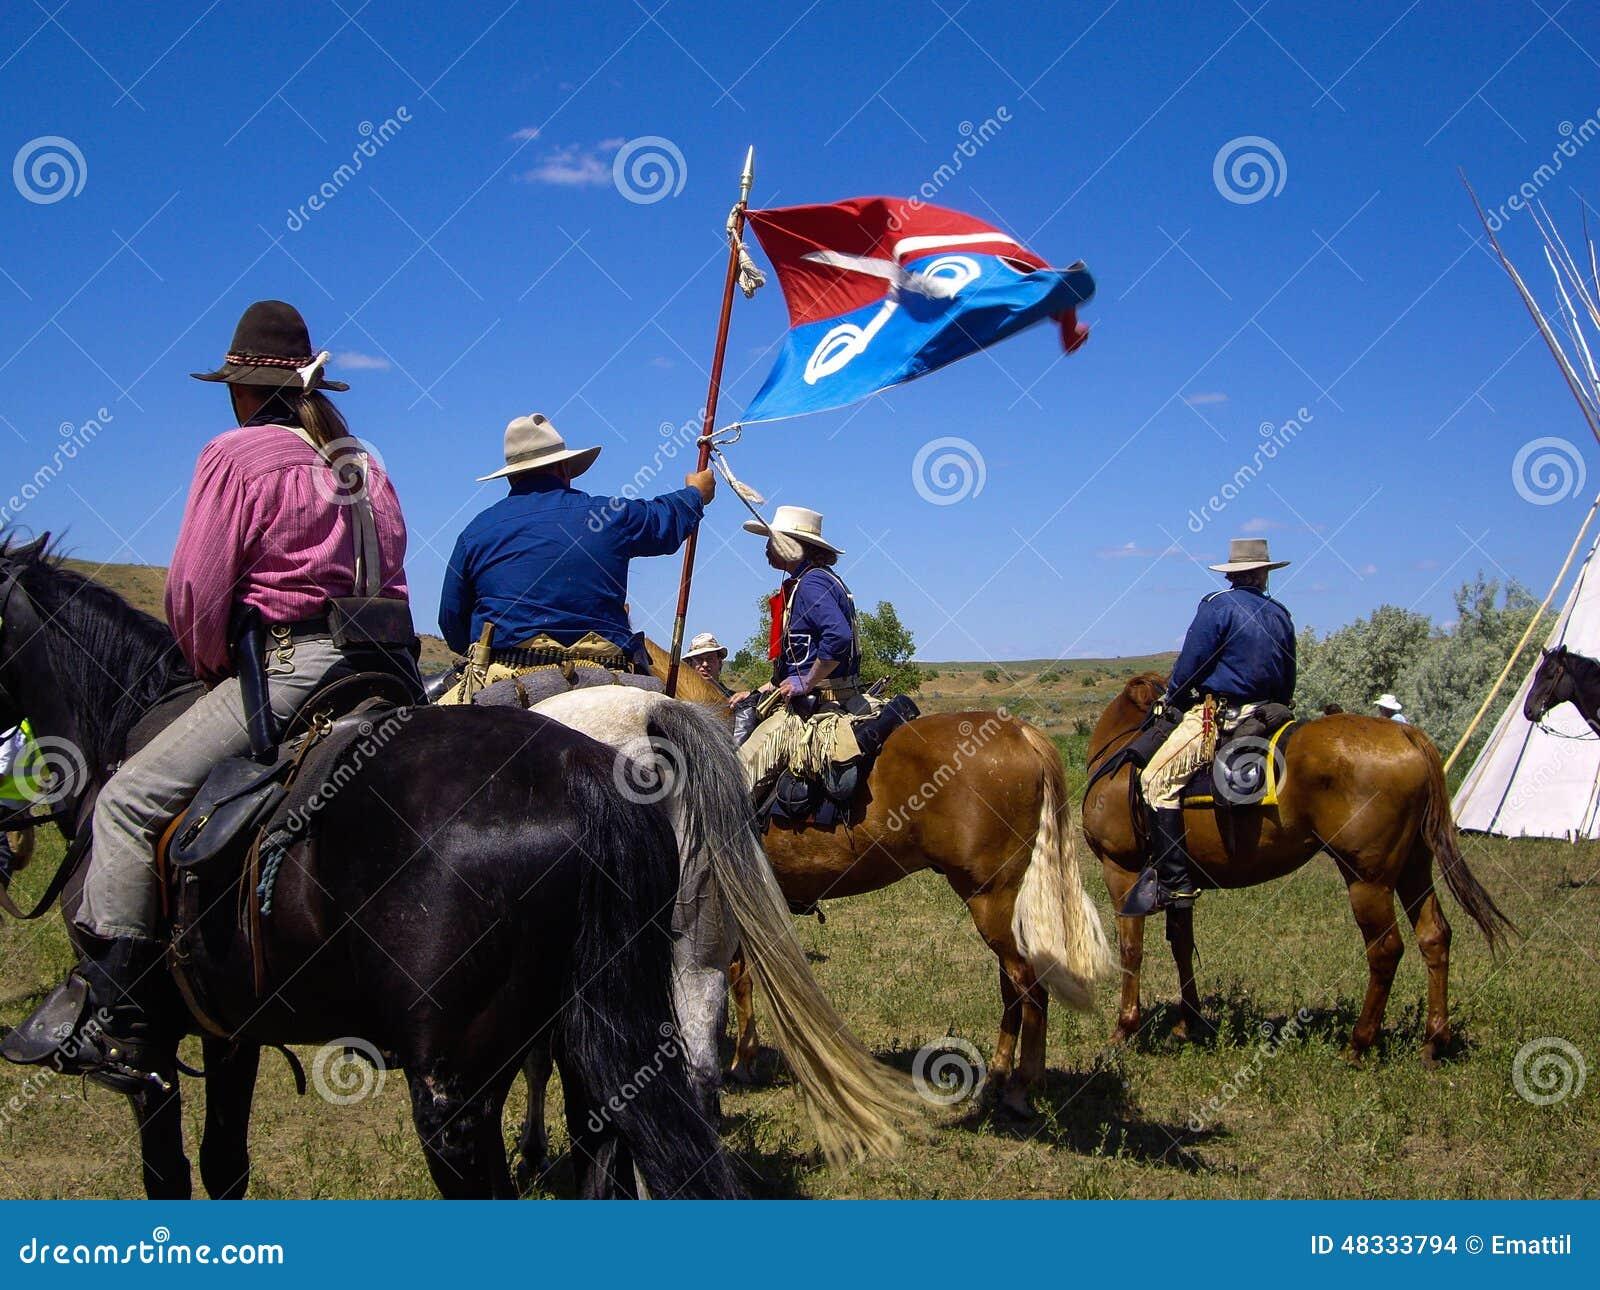 A cavalaria dos E.U. 7os embandeira na batalha do reenactment do Little Bighorn